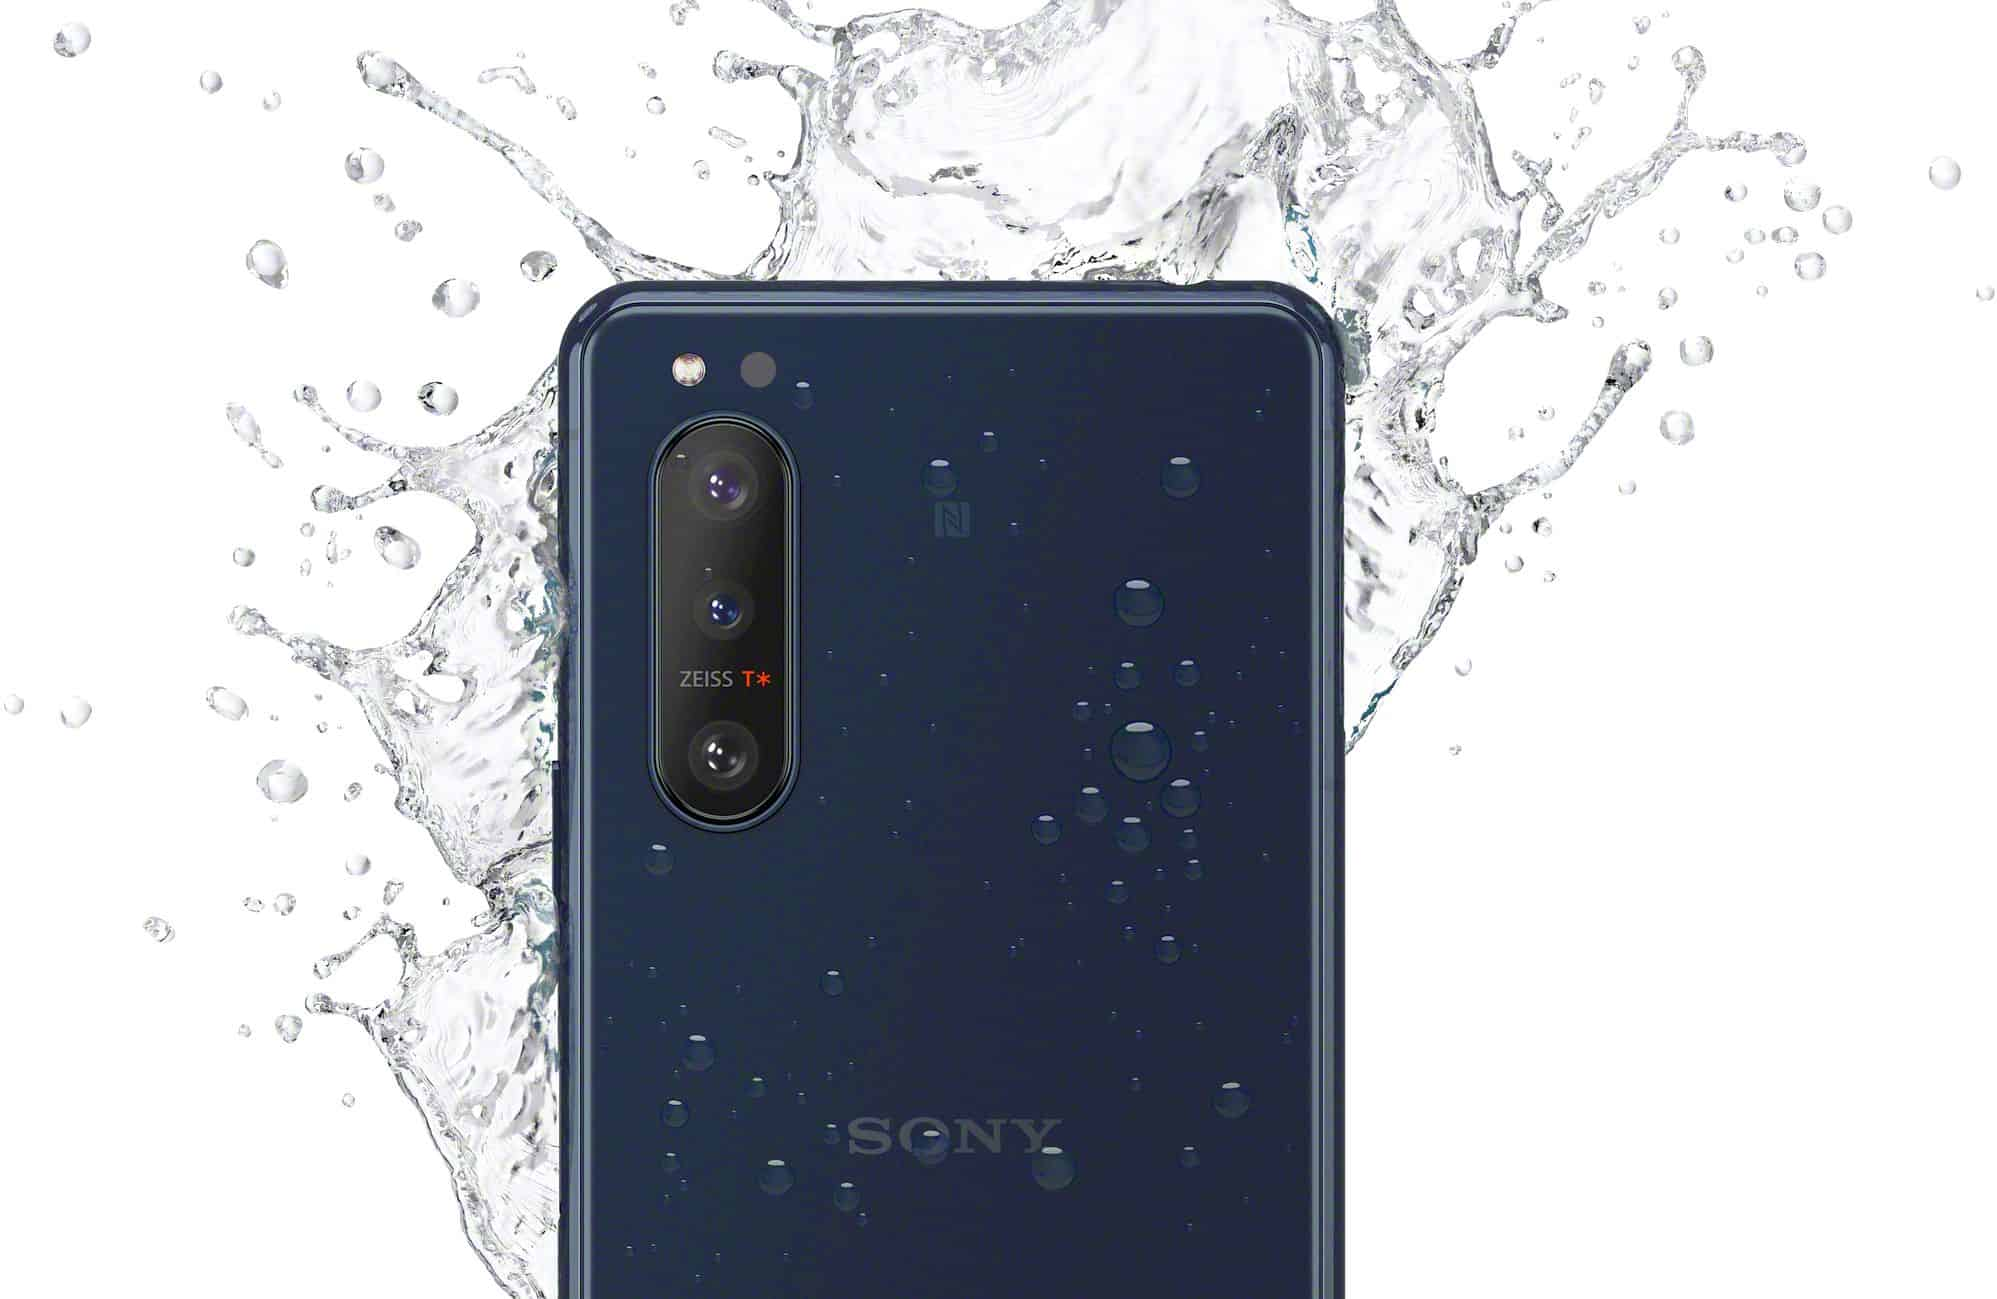 Sony Xperia 5 II render leak 7